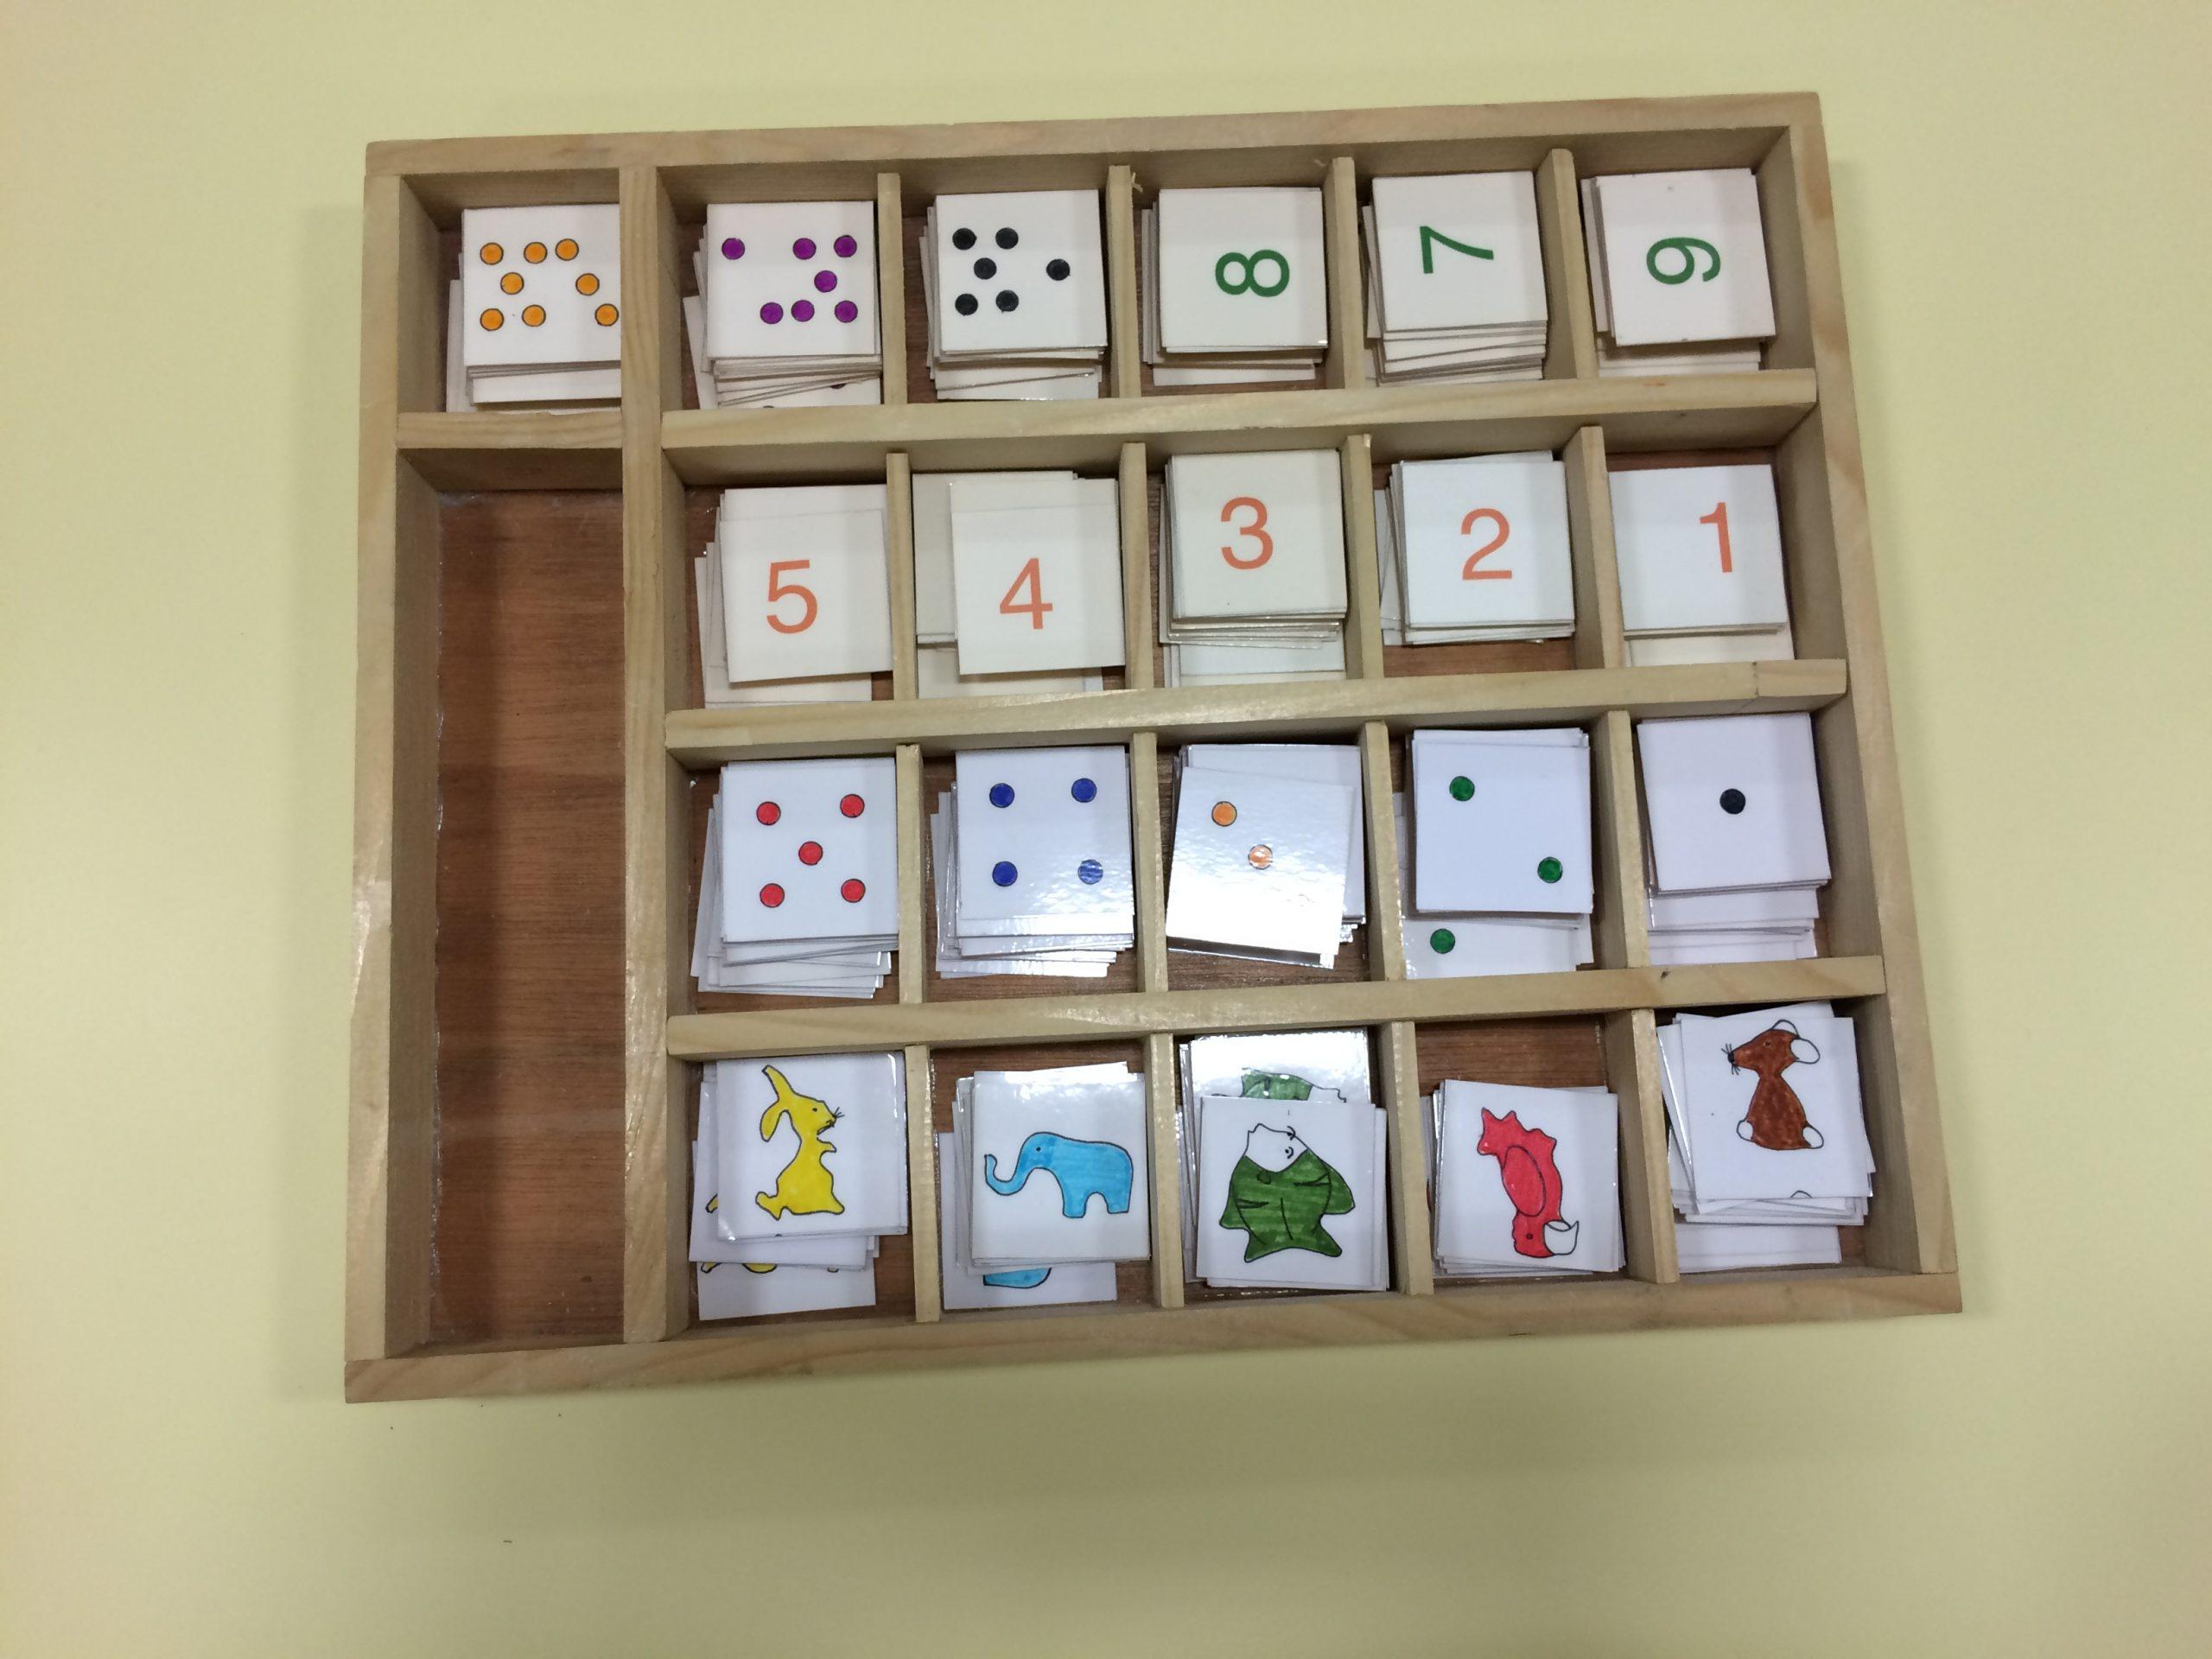 Boîtes À Compter - Des Ateliers Pour L'école Maternelle intérieur Apprendre A Compter Maternelle